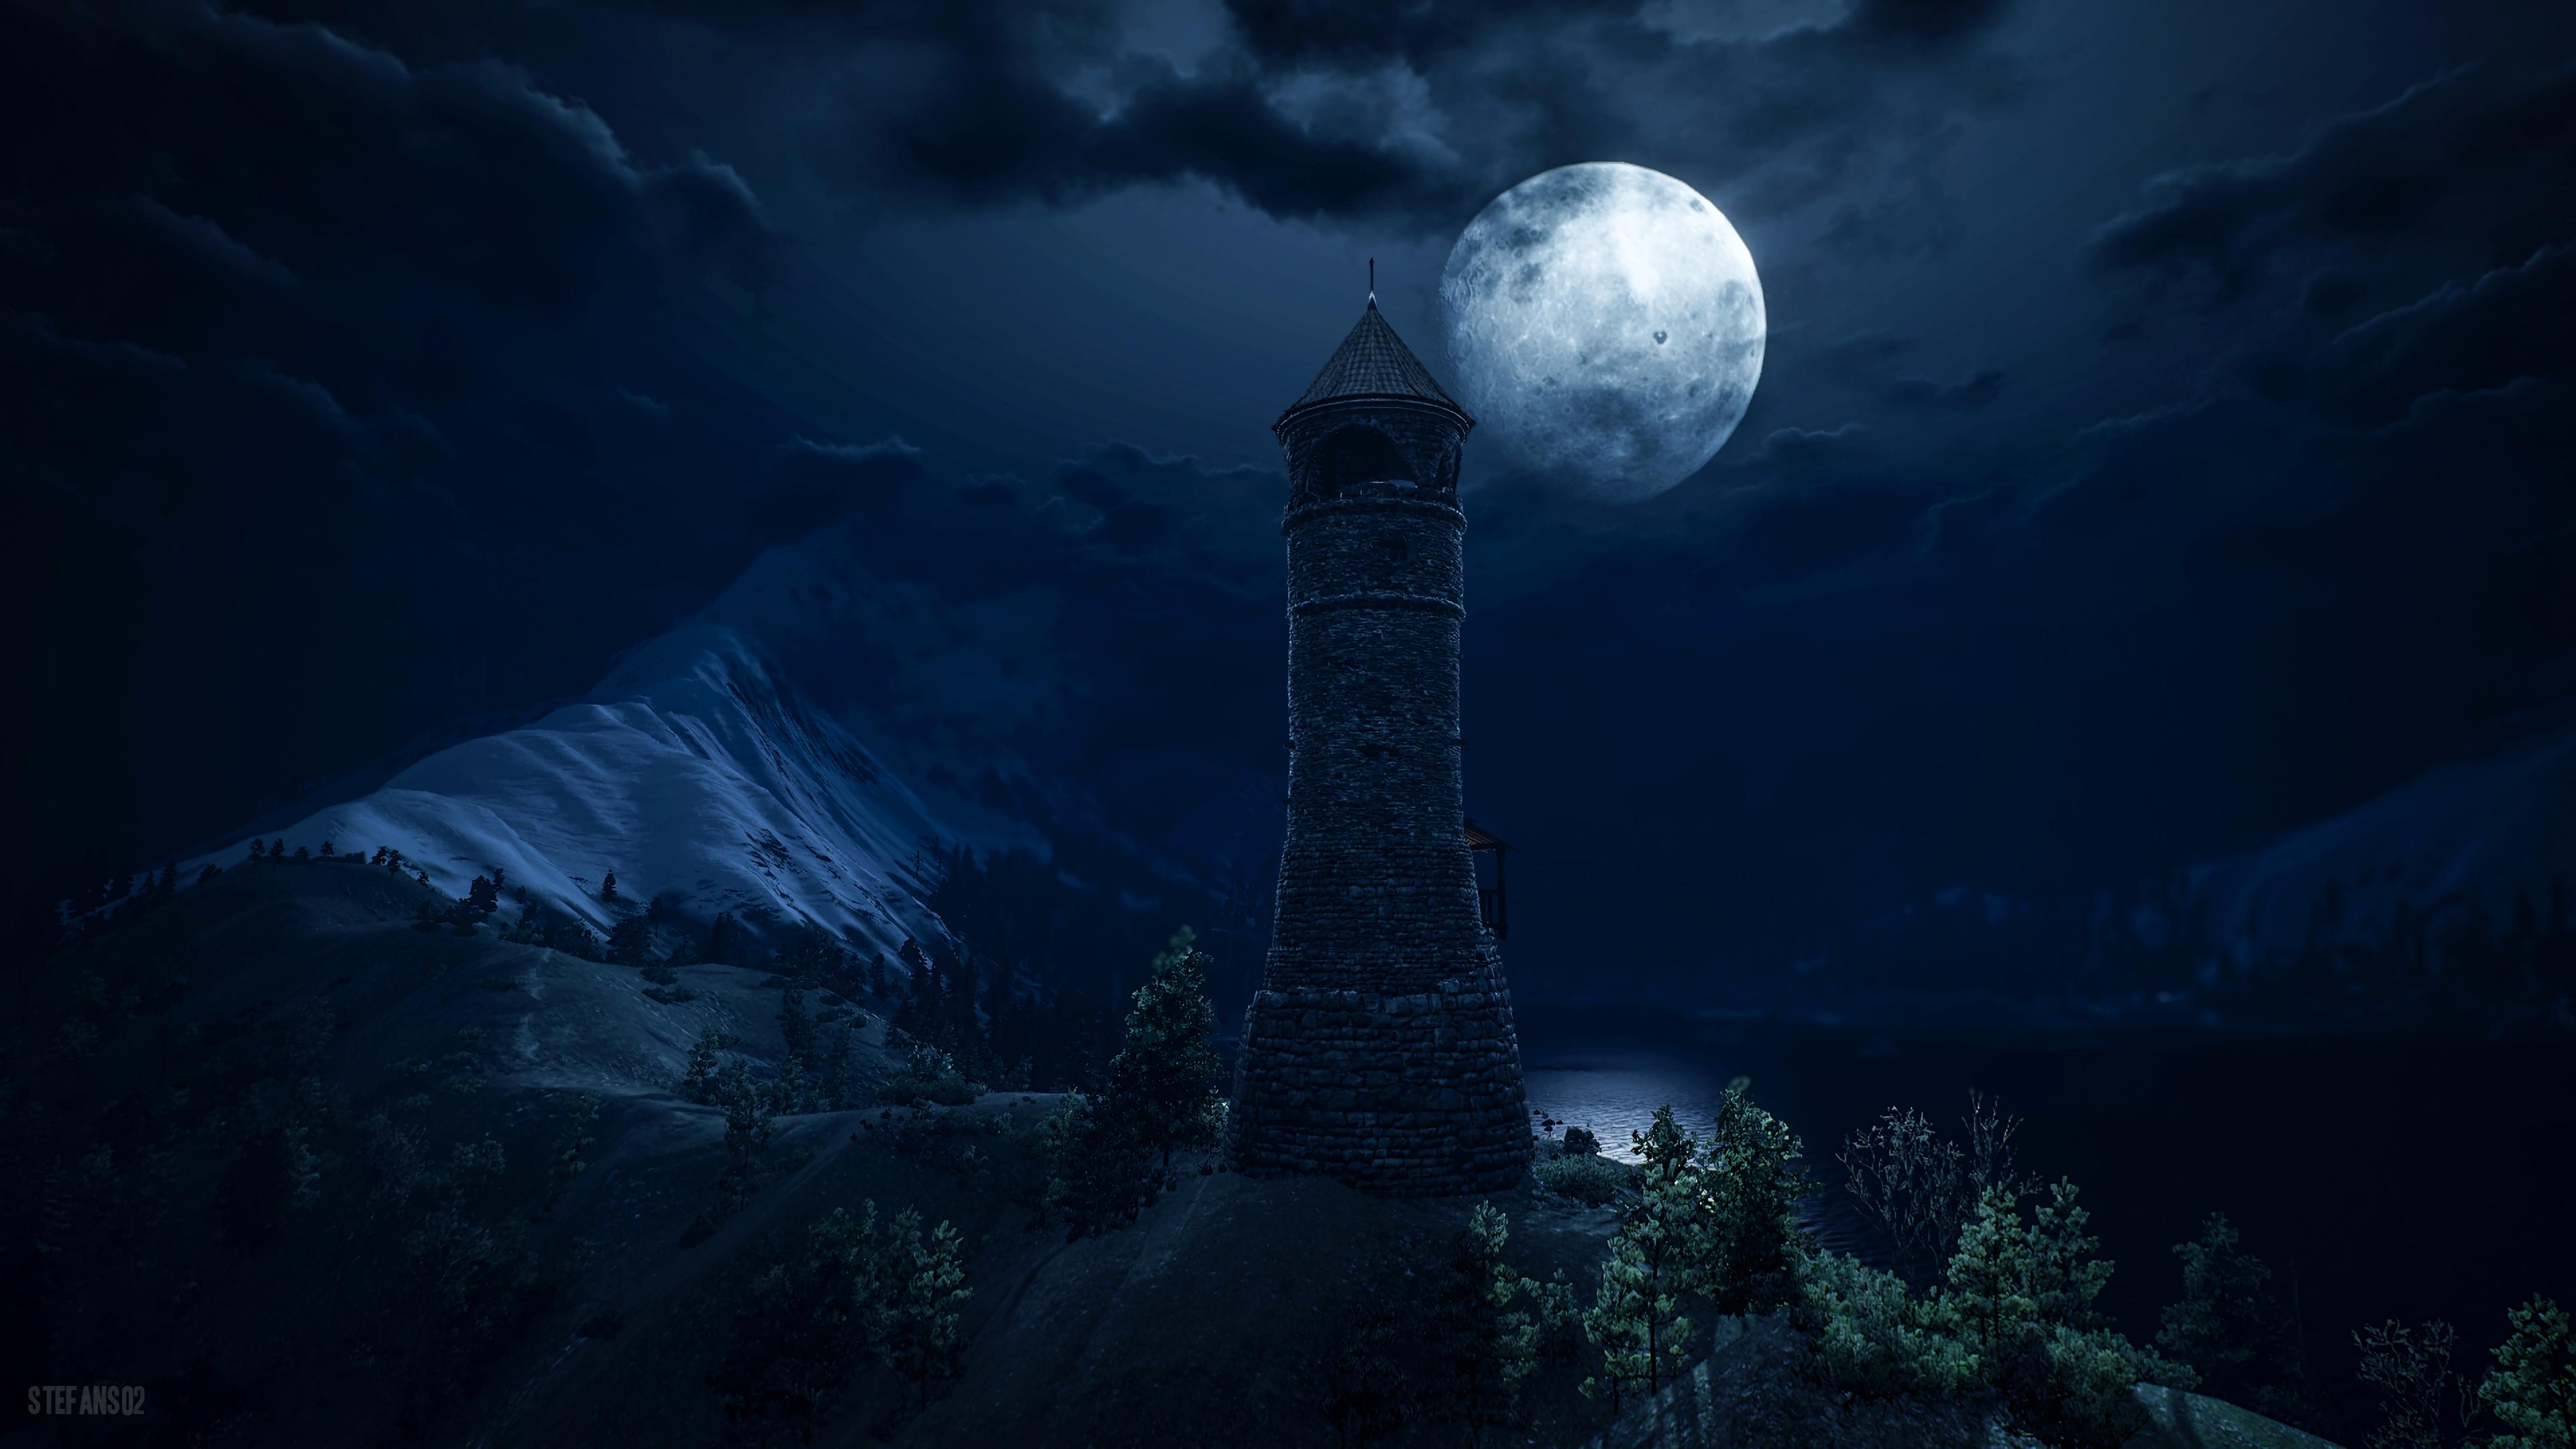 lighthouse tower full moon dark fantastic art 4k 1541971042 - lighthouse, tower, full moon, dark, fantastic, art 4k - Tower, lighthouse, full moon